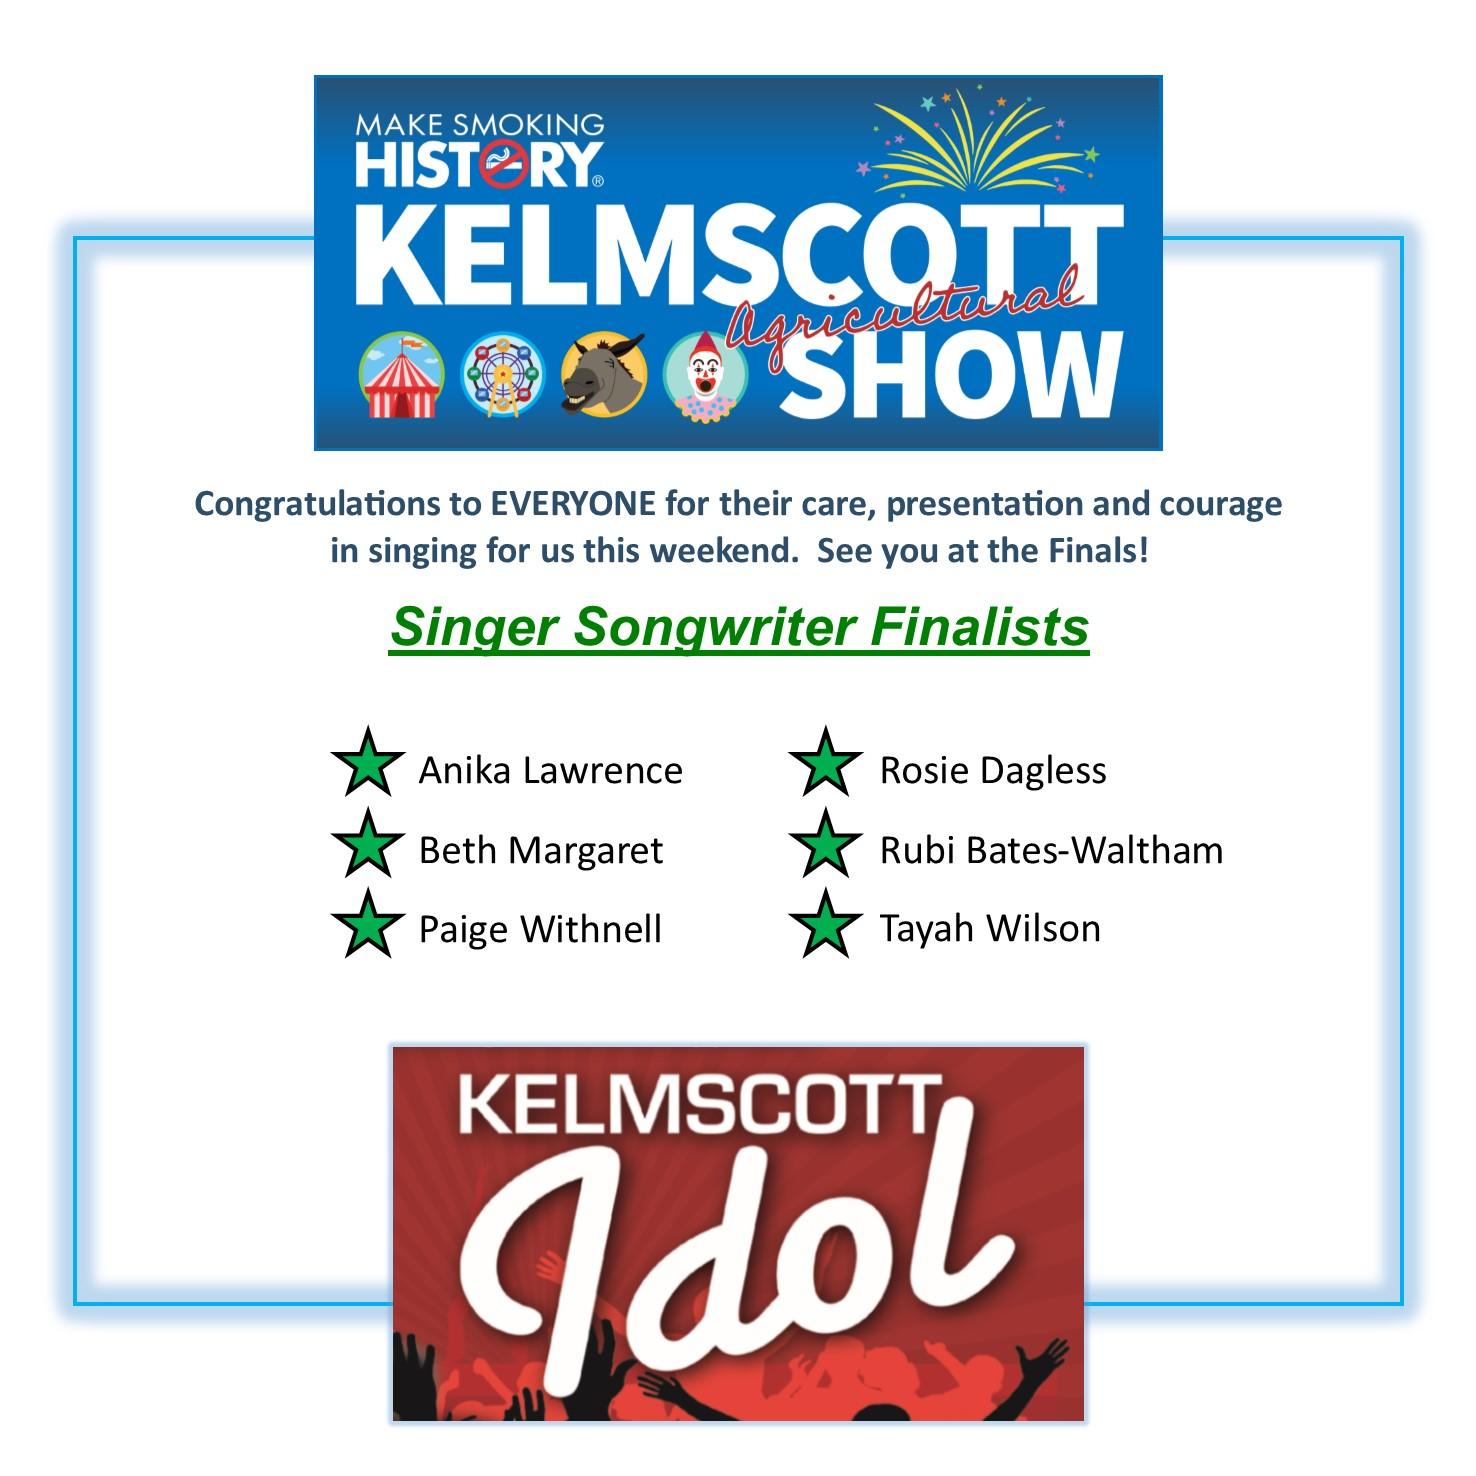 Kelmscott Idol Singer Songwriters Finalists